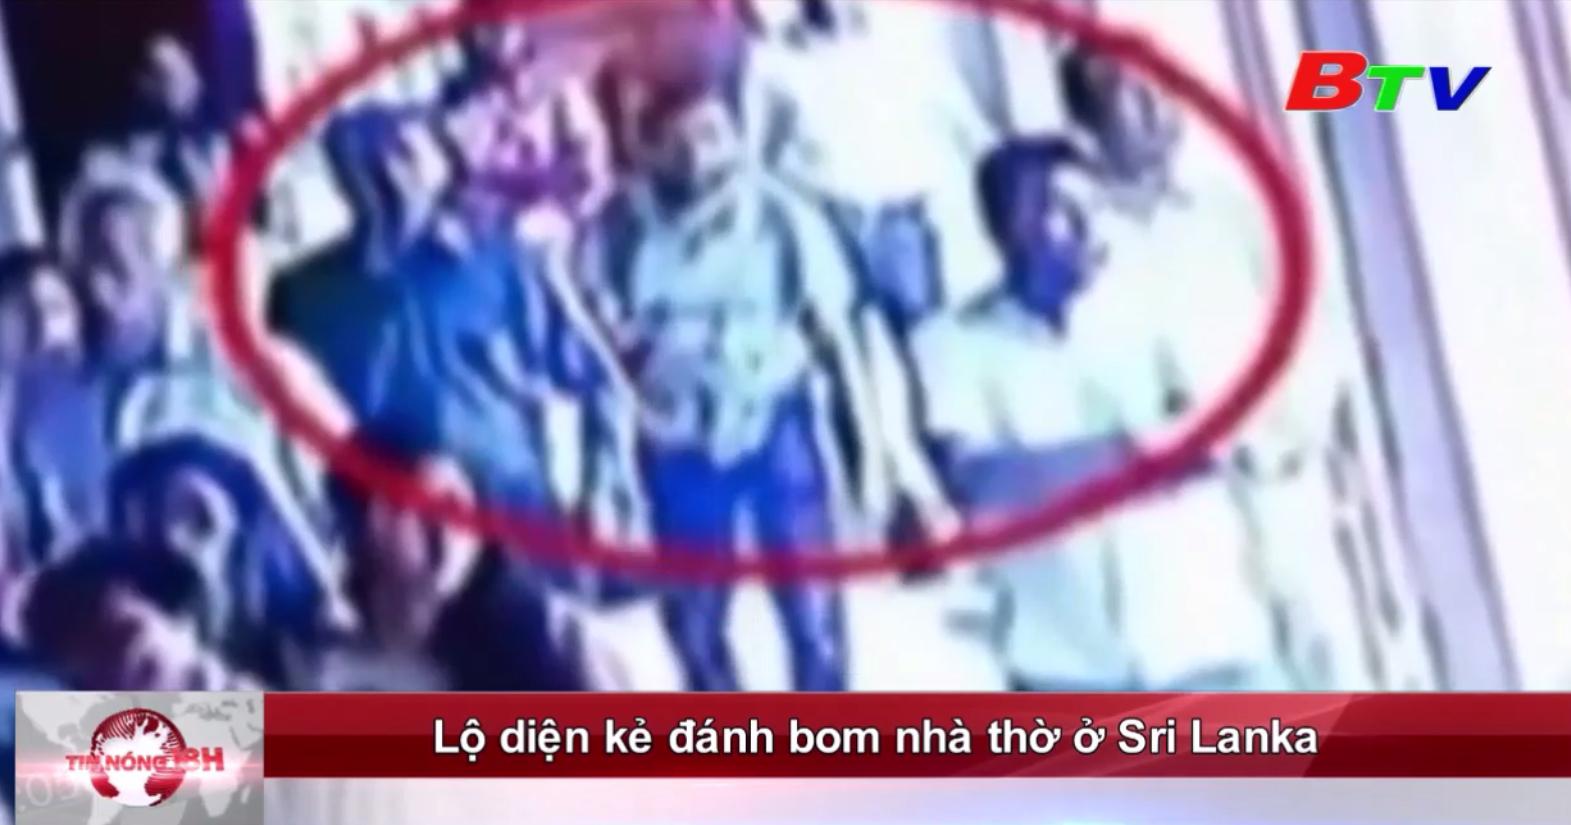 Lộ diện kẻ đánh bom nhà thờ ở Sri Lanka